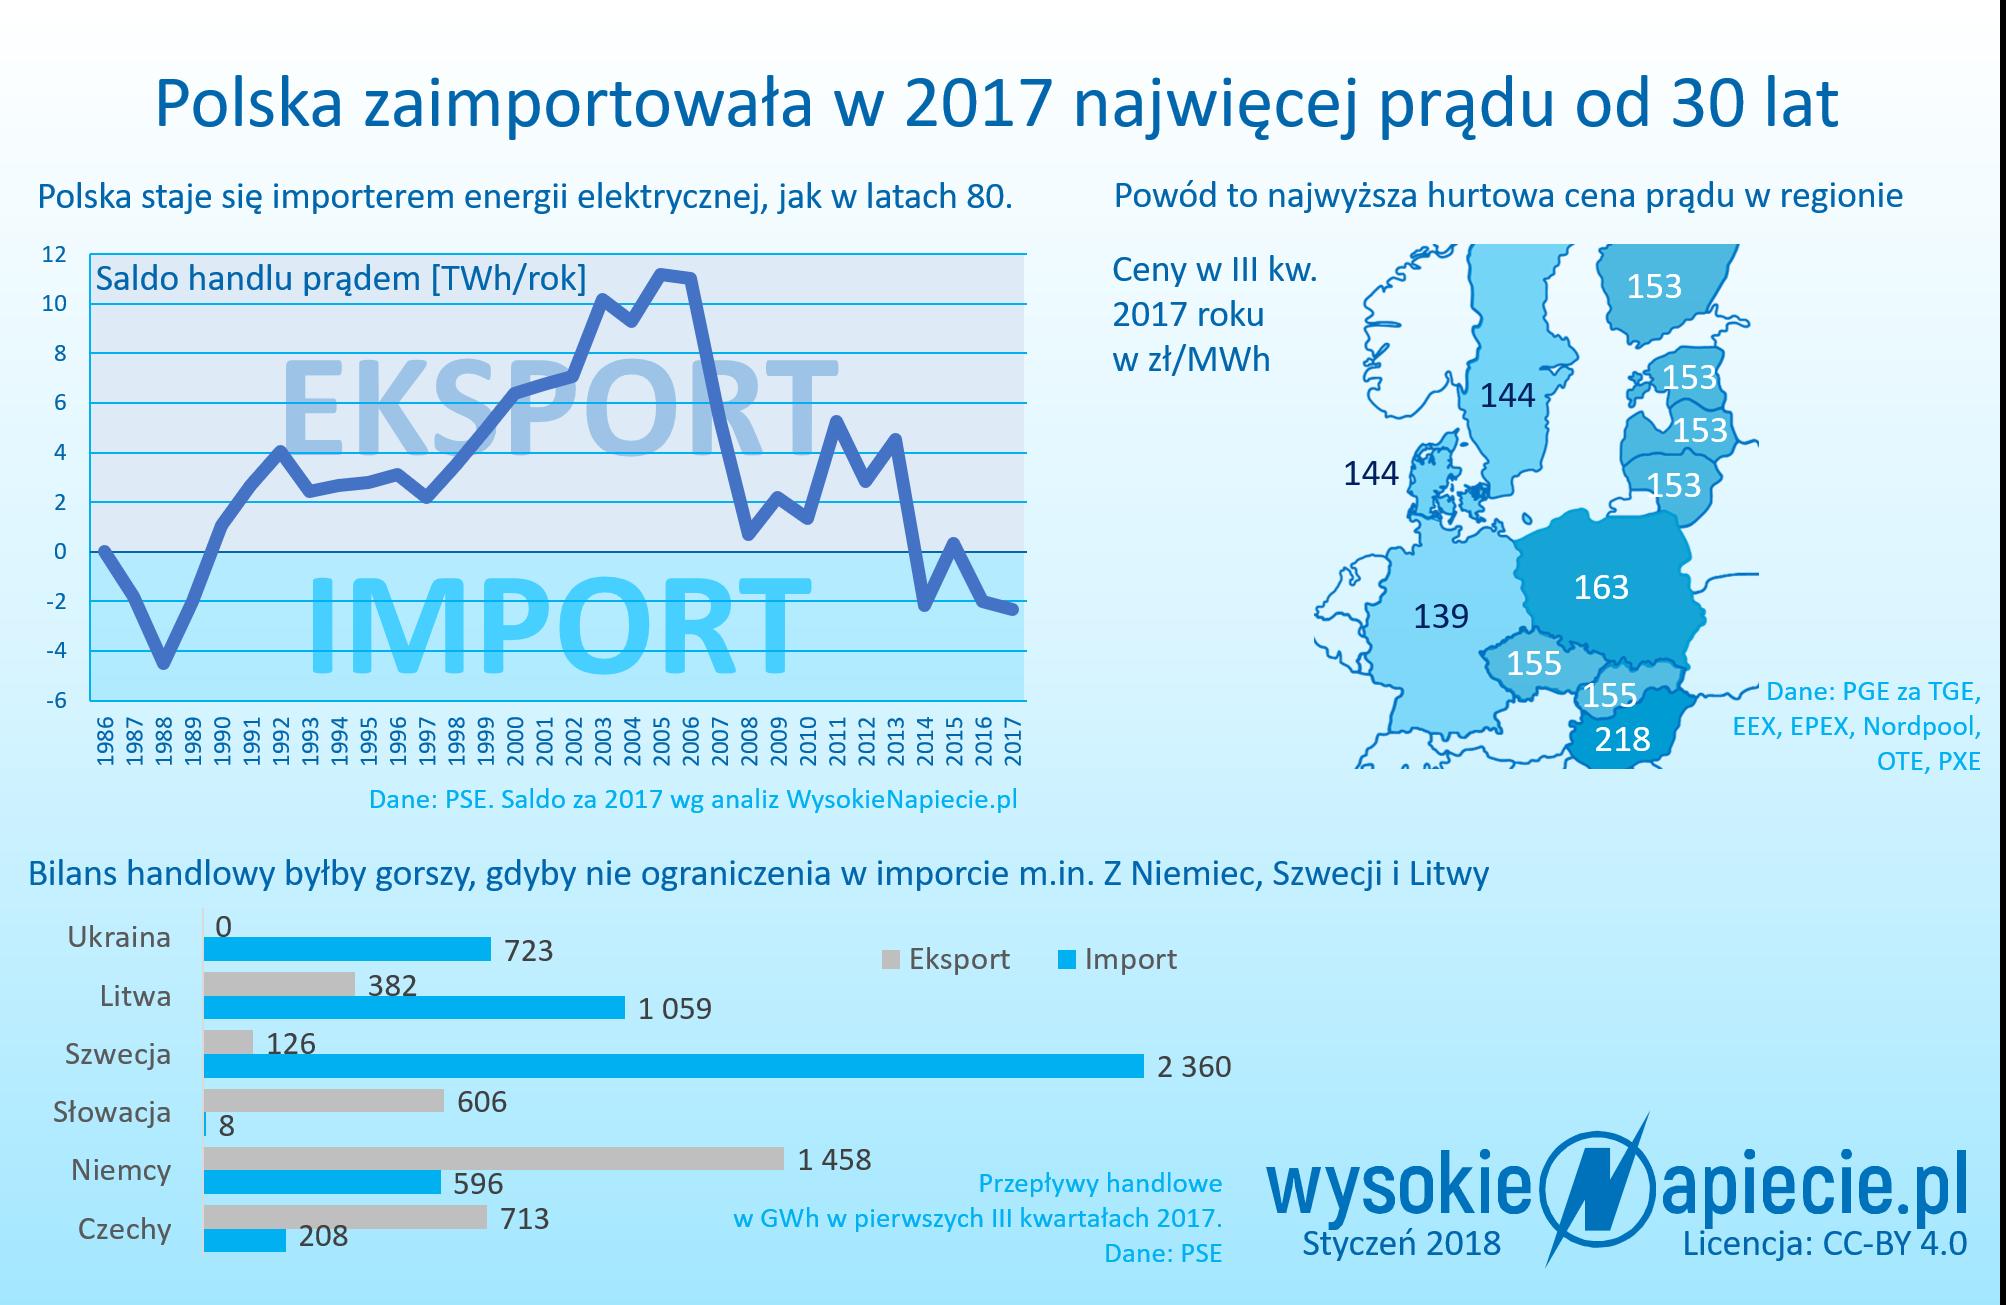 Import energii elektrycznej do Polski najwyższy od 30 lat